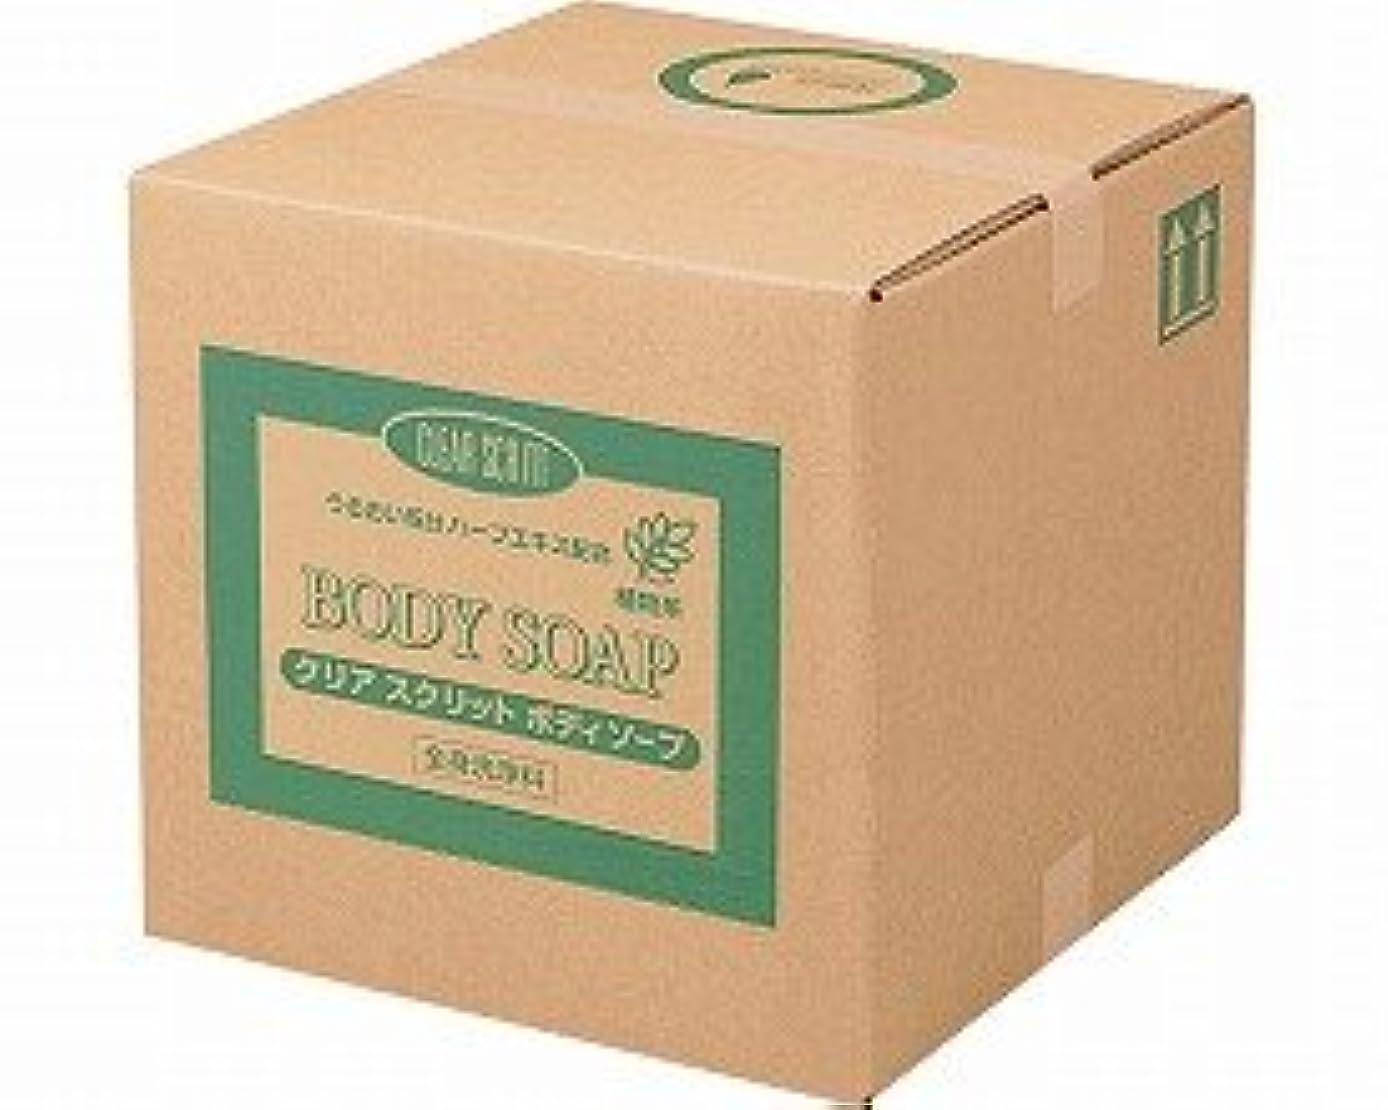 知っているに立ち寄るカーフ害CLEAR SCRITT(クリアスクリット) ボディソープ 18L コック付 4355 (熊野油脂) (清拭小物)